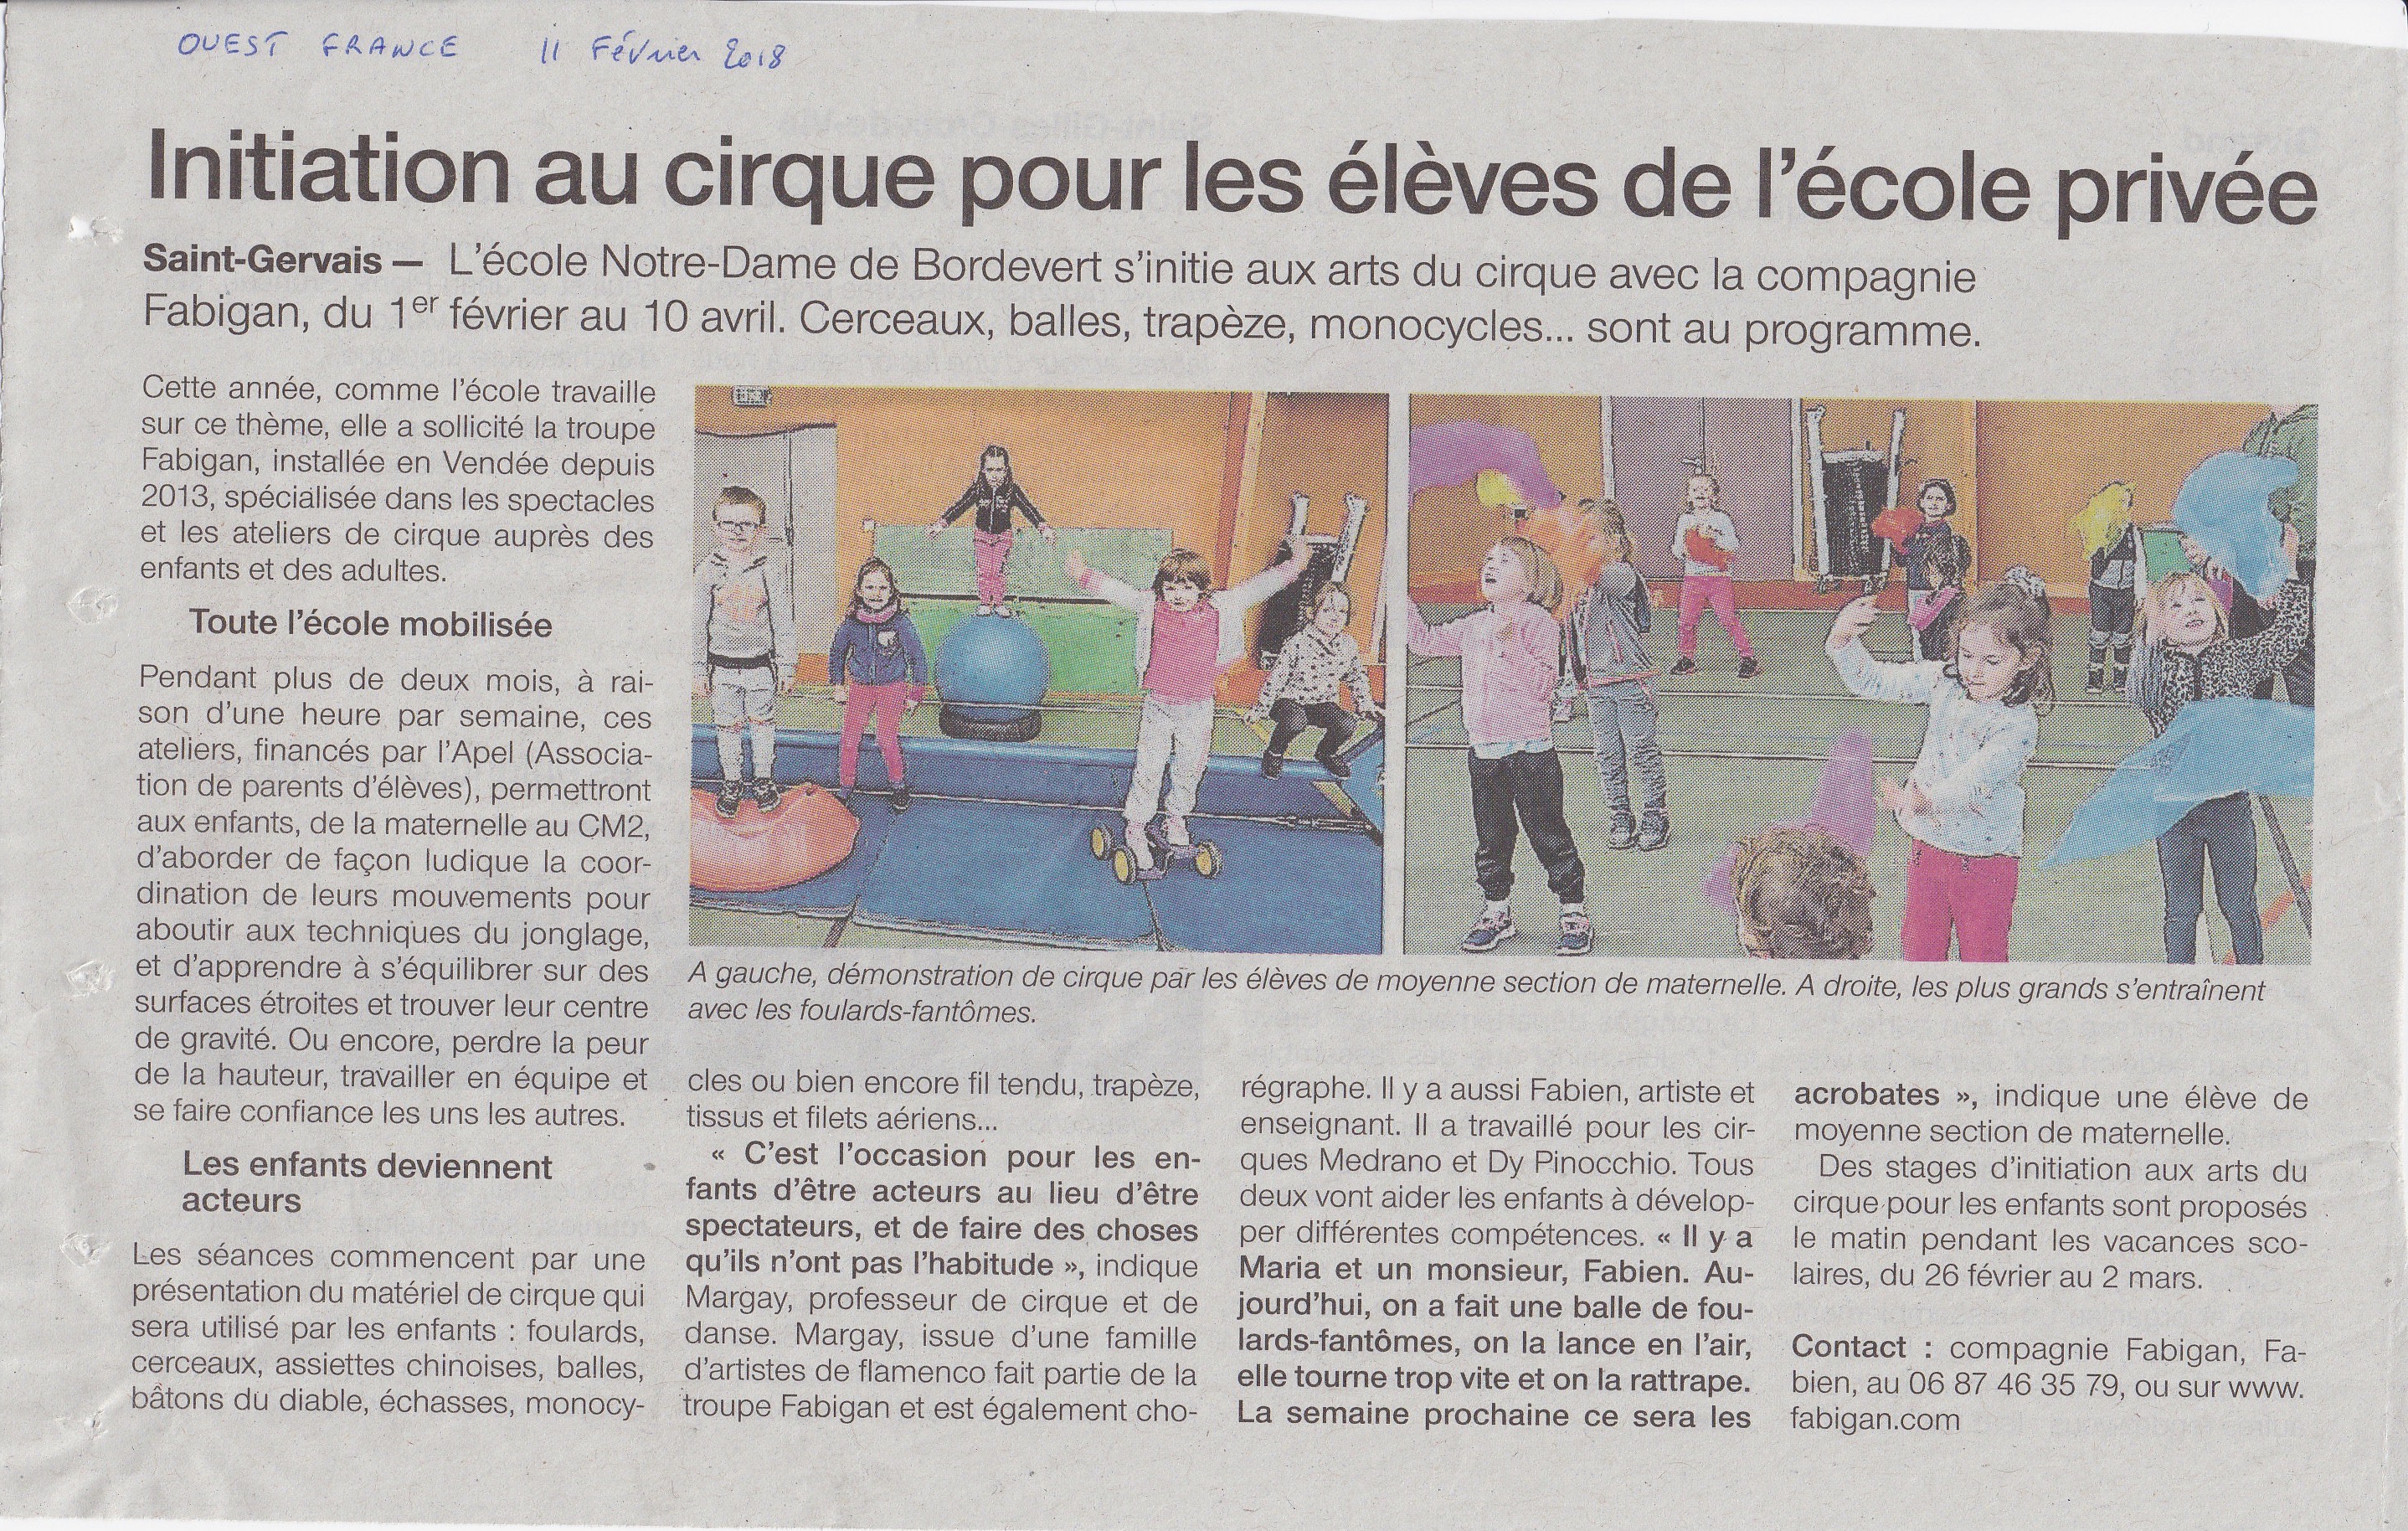 Projet cirque ecole privee St Gervais